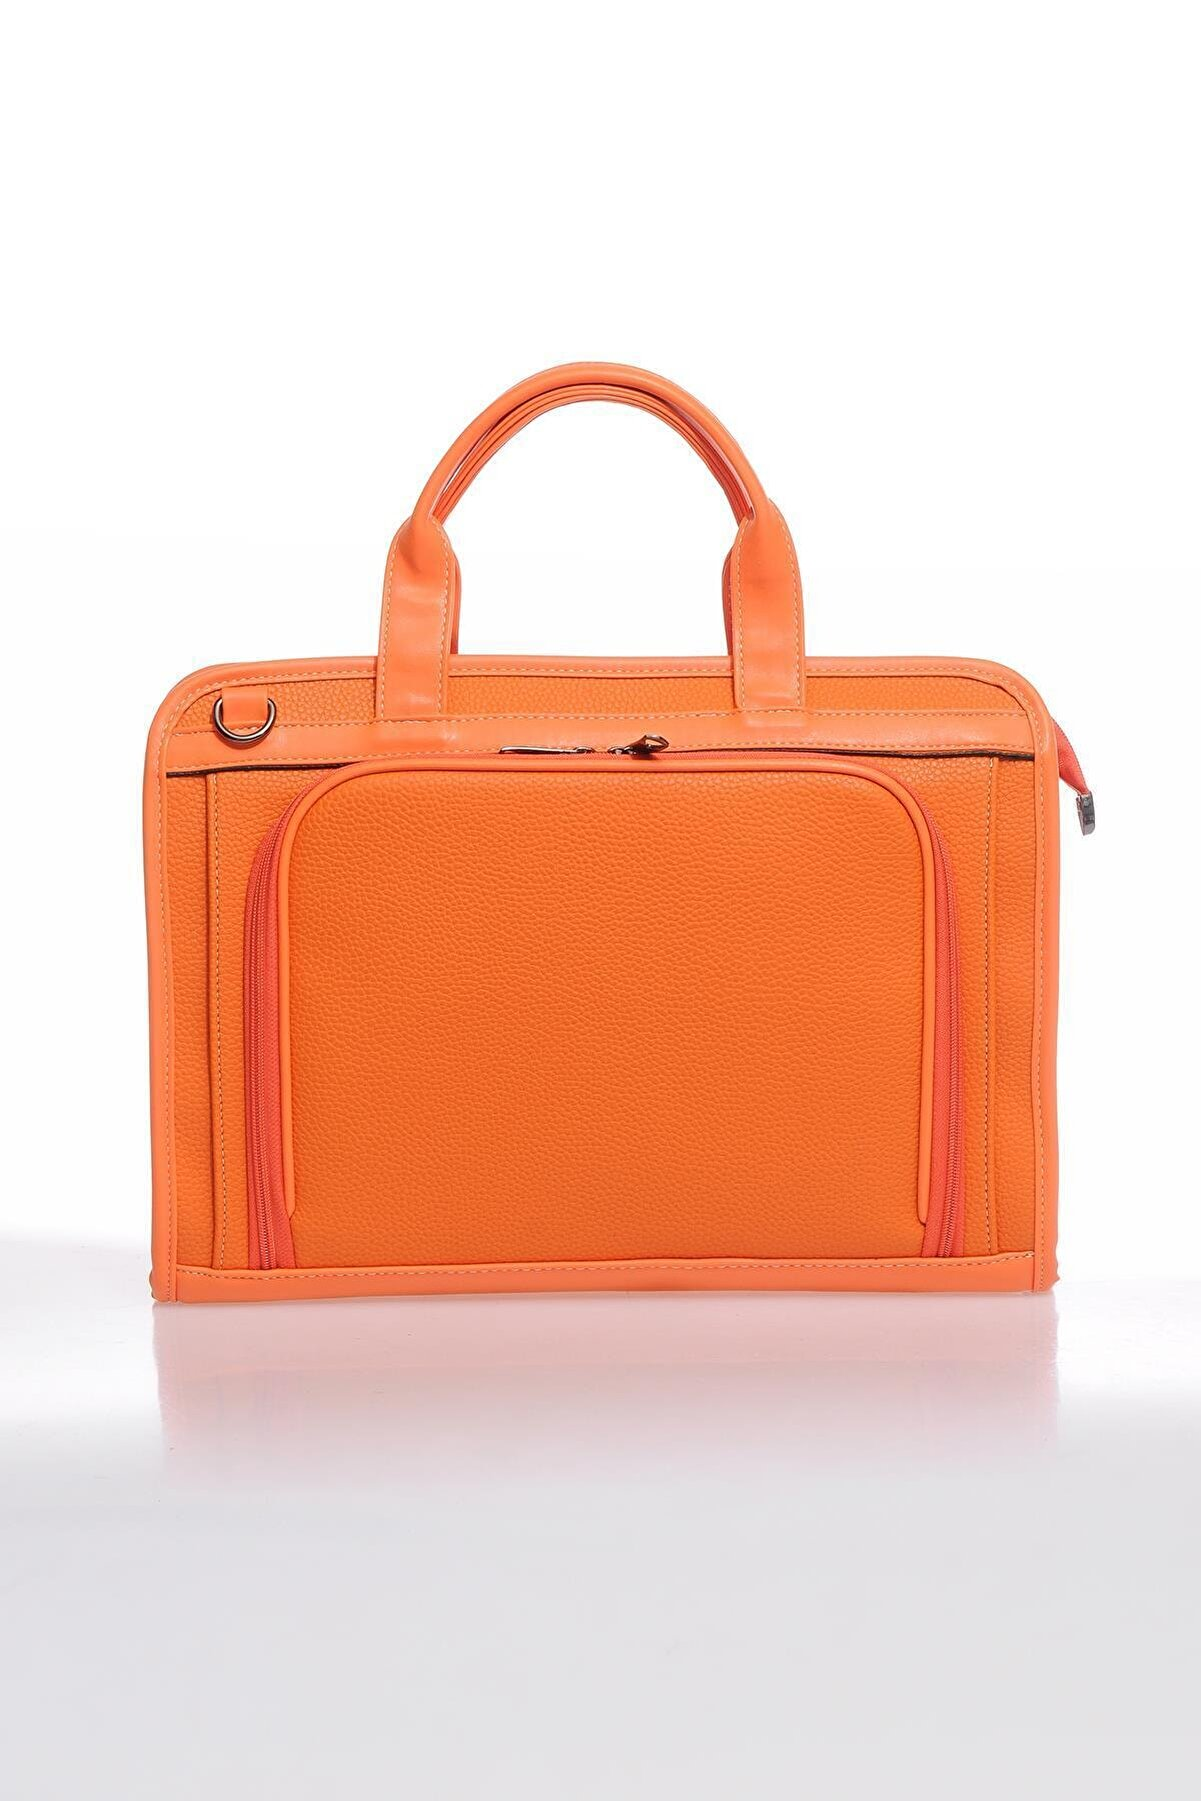 Sergio Giorgianni Luxury Sg071219 Belin/turuncu Unisex Evrak Çantası